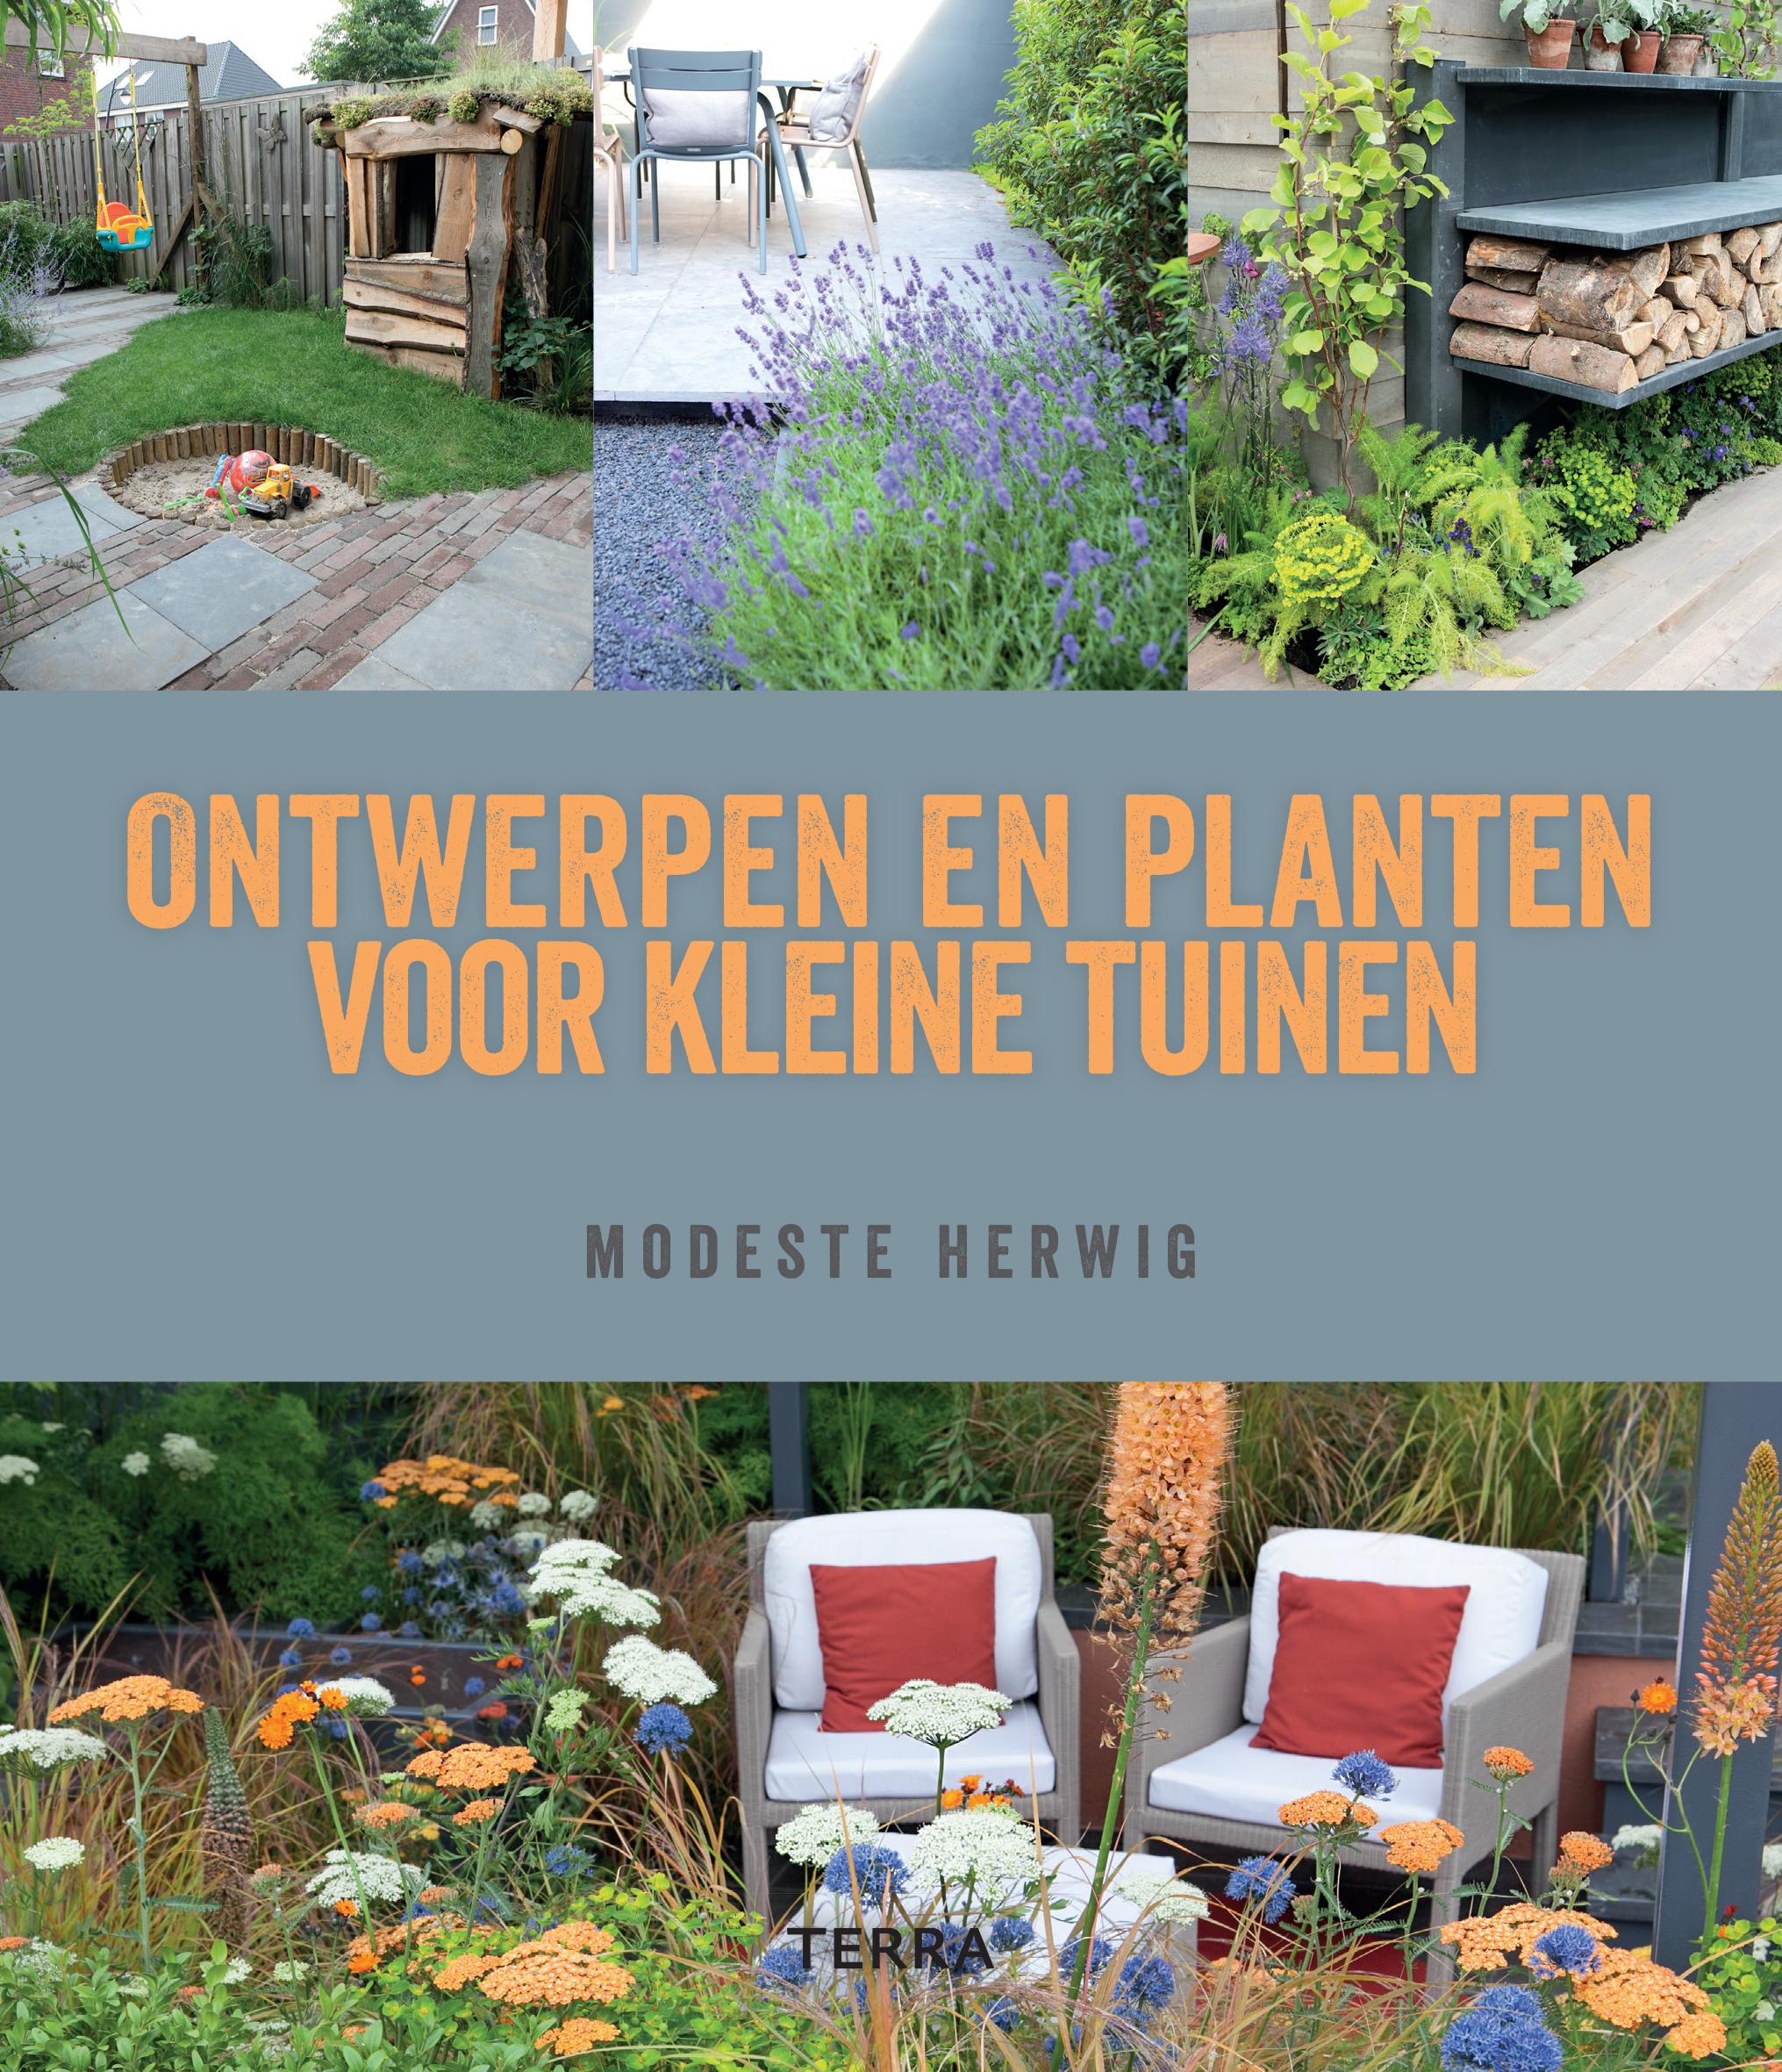 ontwerpen en planten voor kleine tuinen terra publishing